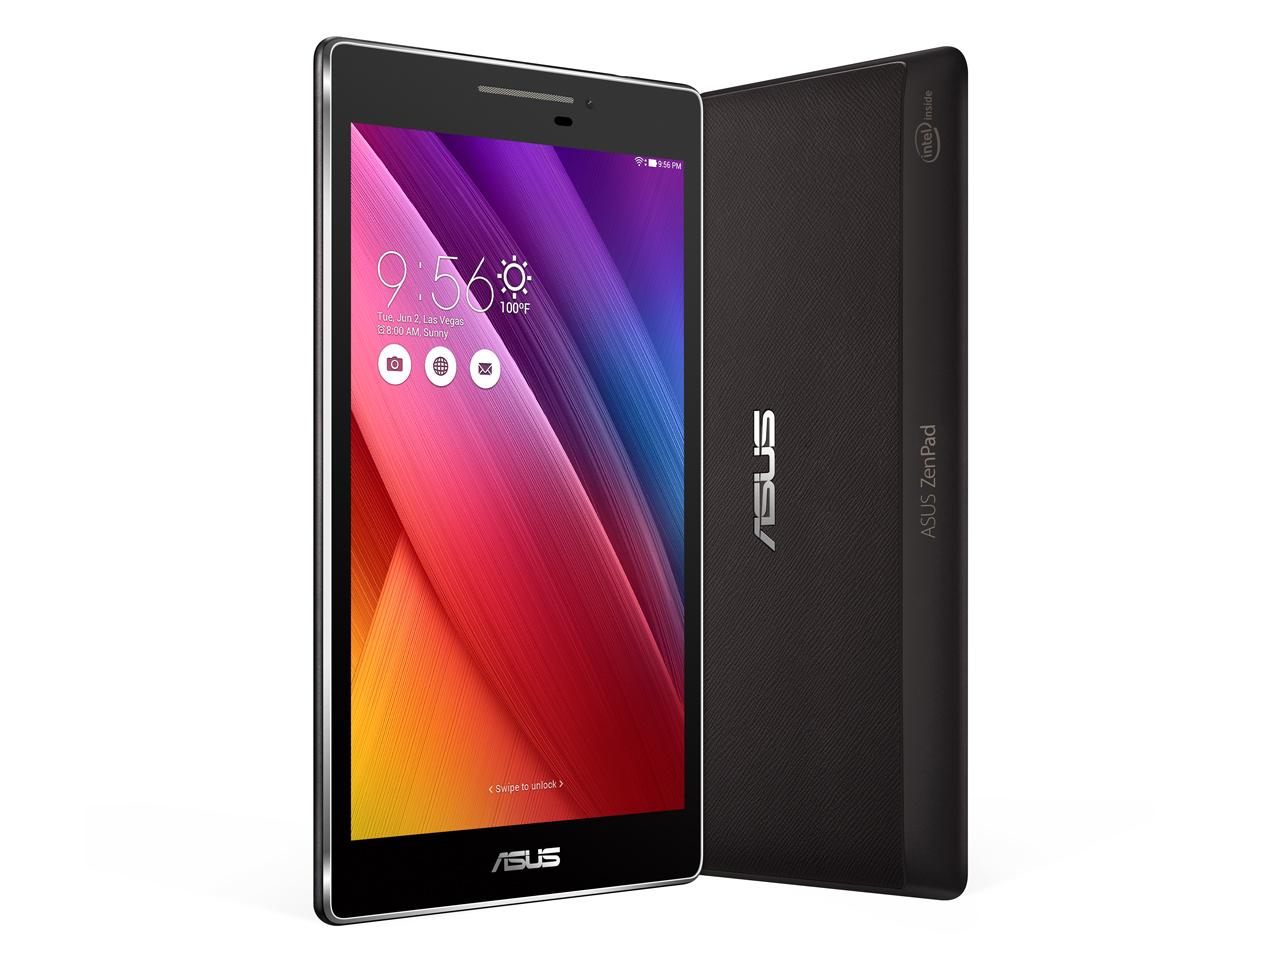 ASUS ZenPad 7.0 Z370C-BK16 [�u���b�N] �̐��i�摜